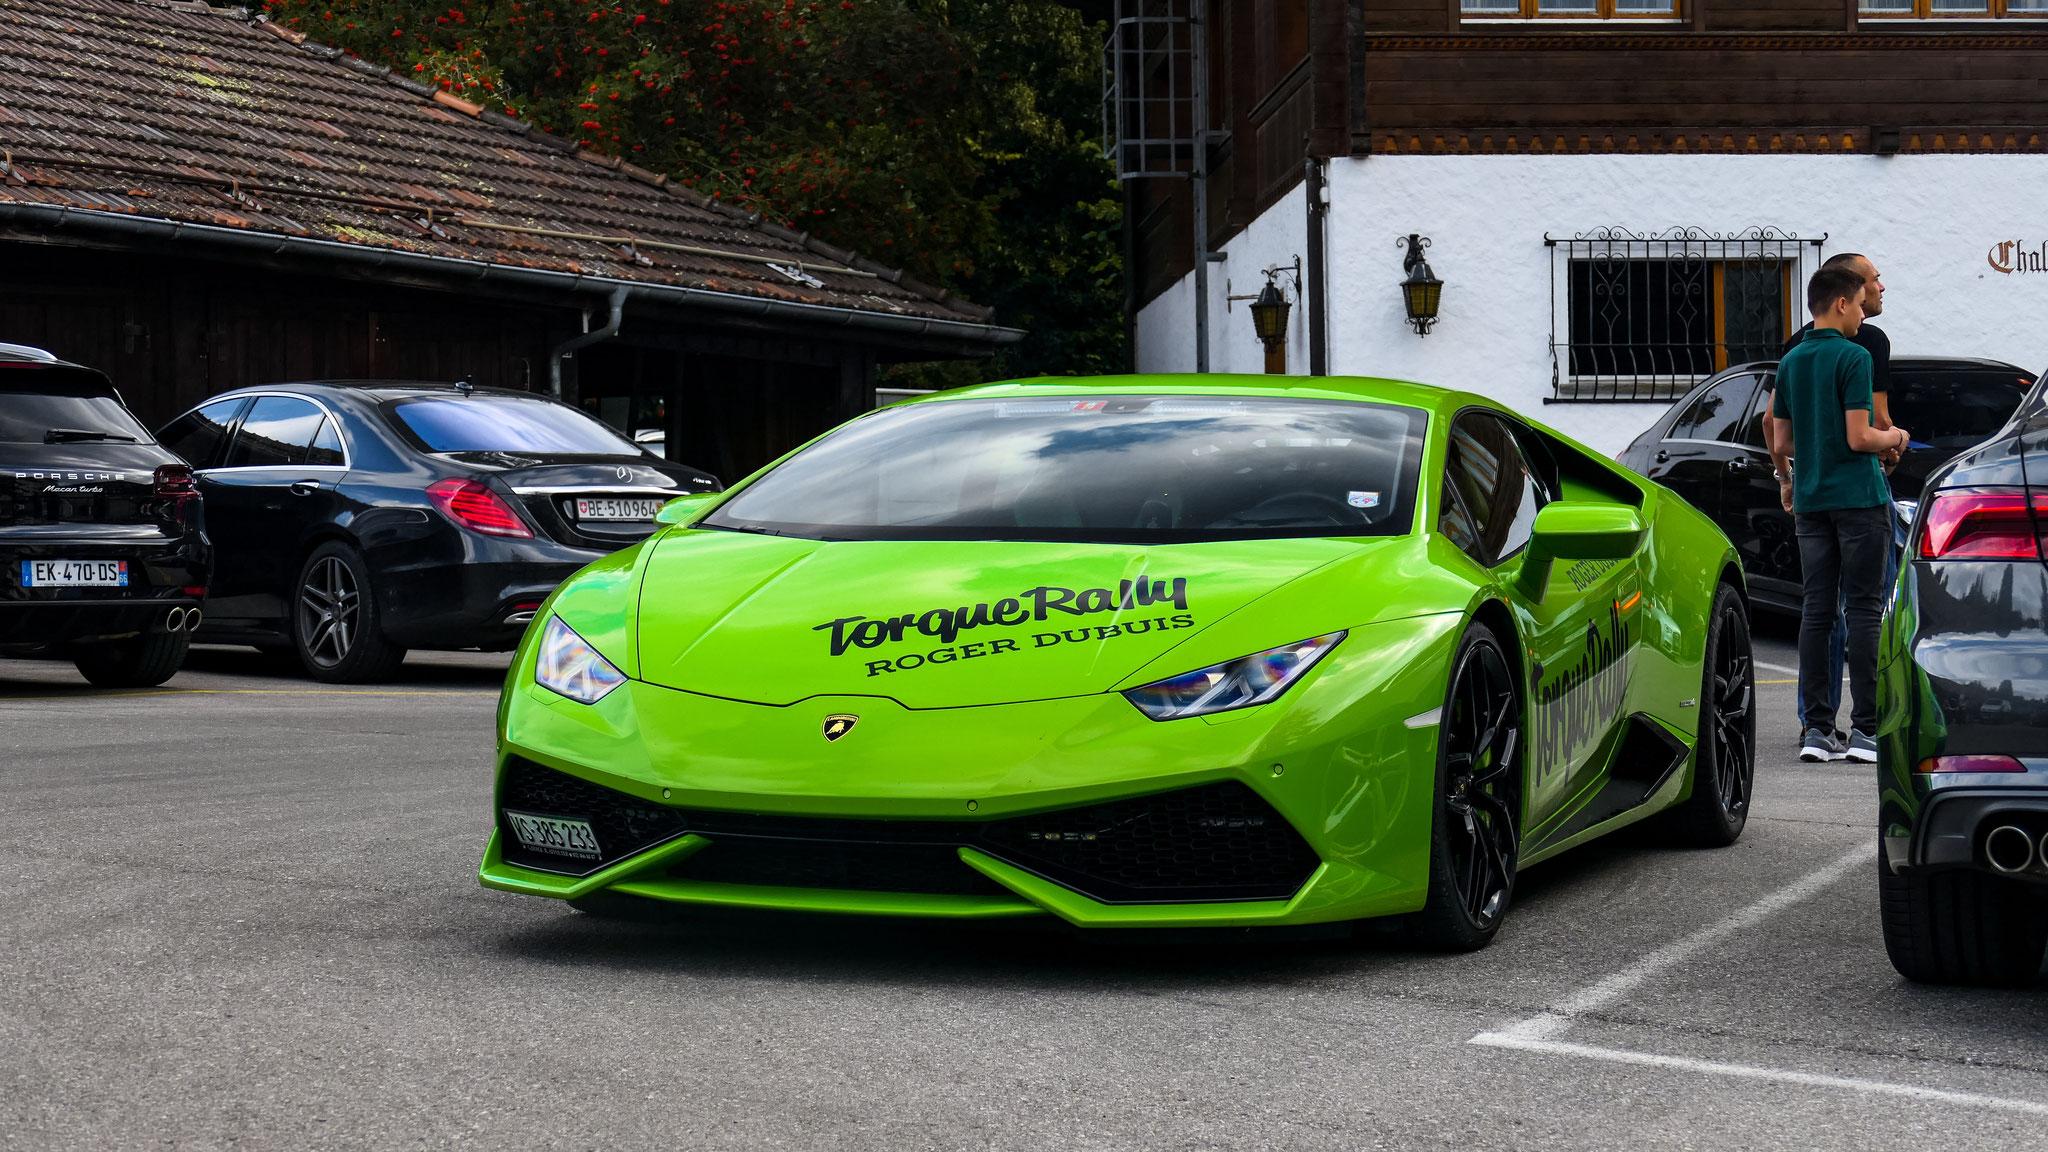 Lamborghini Huracan -VS-385233 (CH)